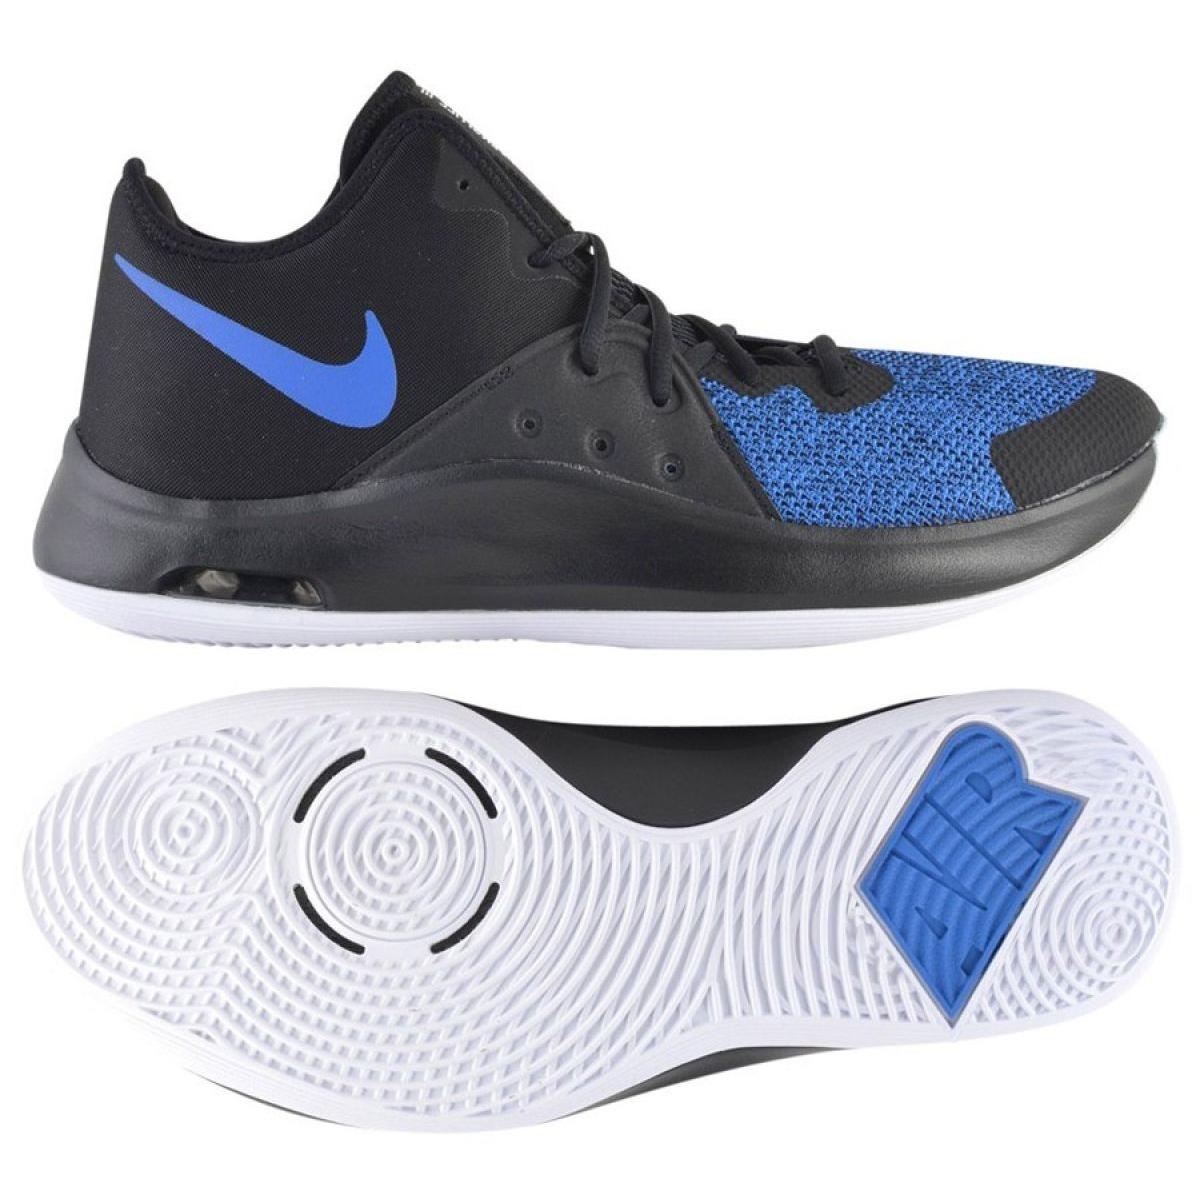 Kosárlabda cipő Nike Air Versitile Iii M AO4430 004 haditengerészet sötétkék